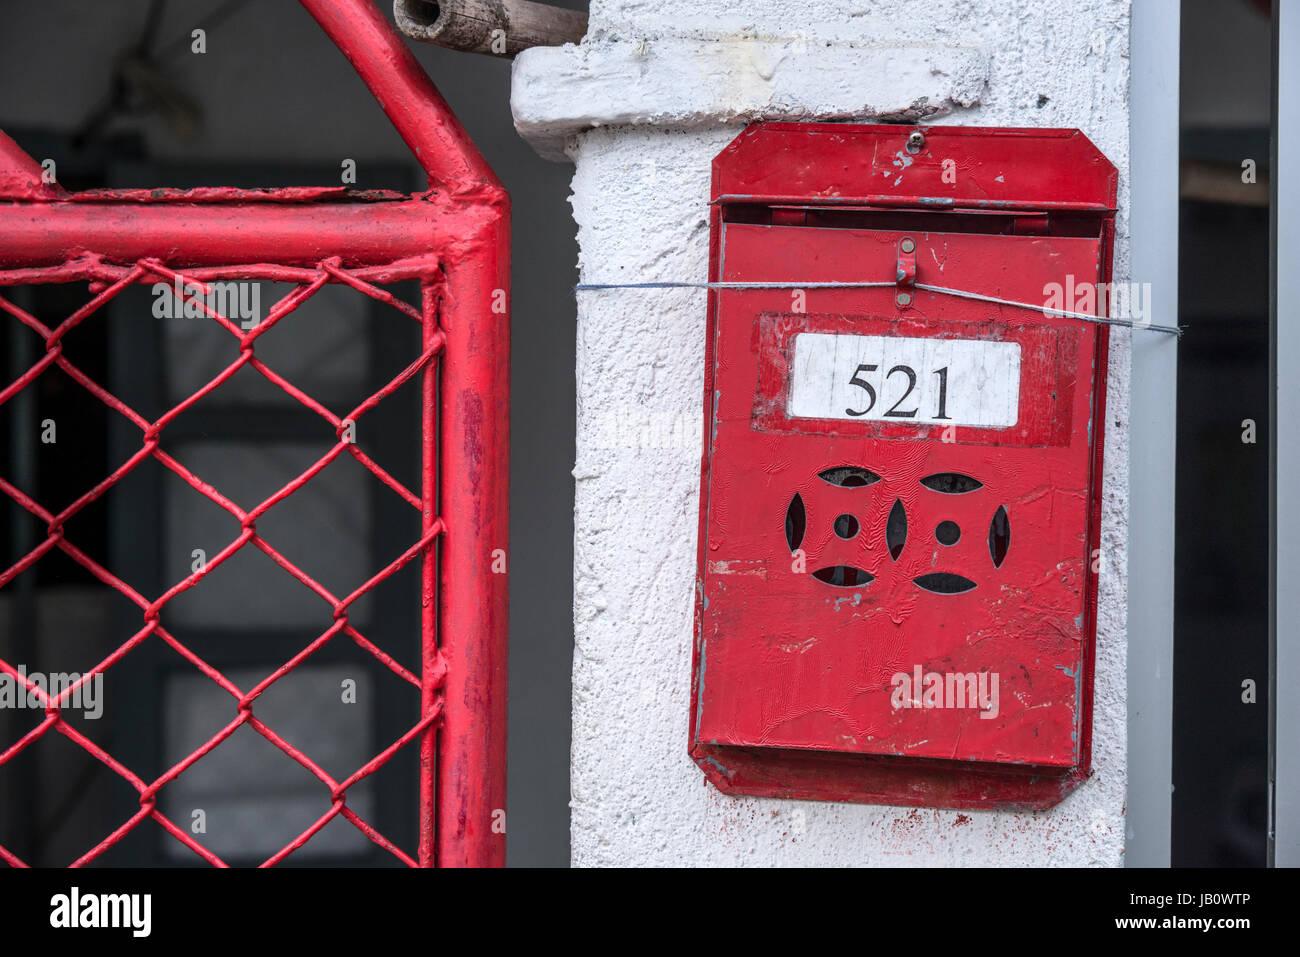 Resident's Letter Box outside Gate, Shek O Village, Hong Kong - Stock Image